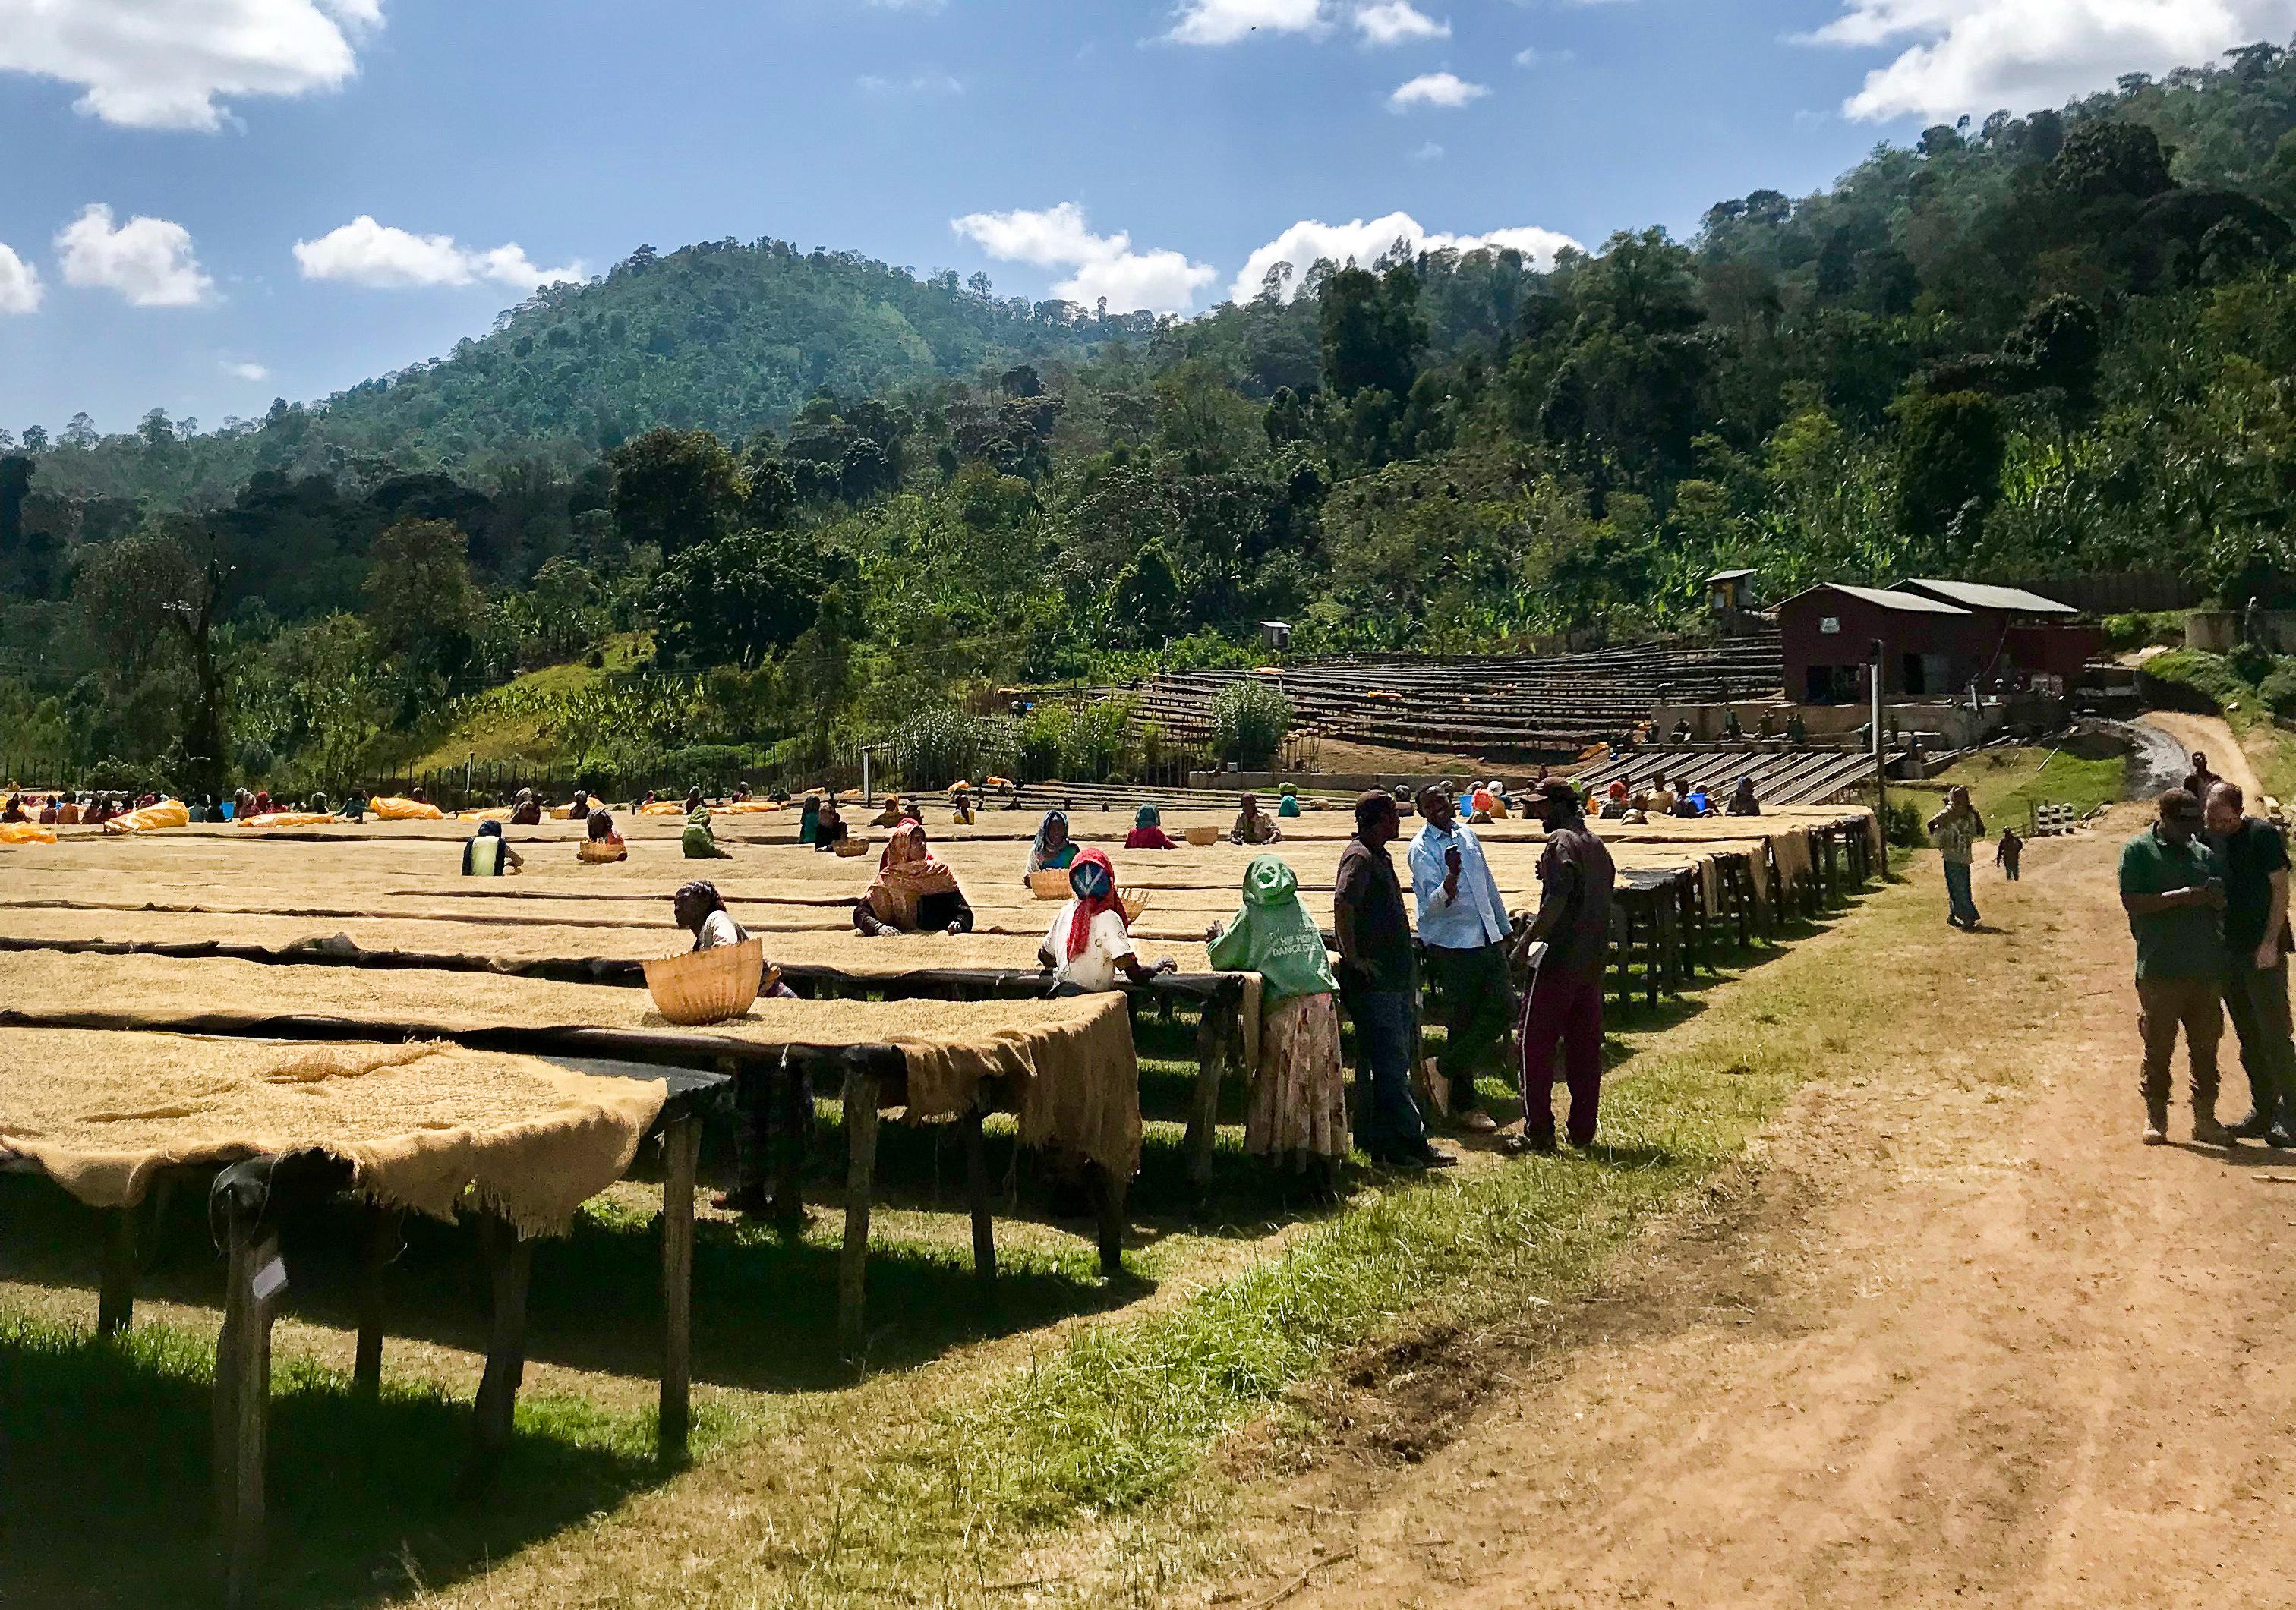 A Wild Coffee Forest In Ethiopia | Halo Beriti